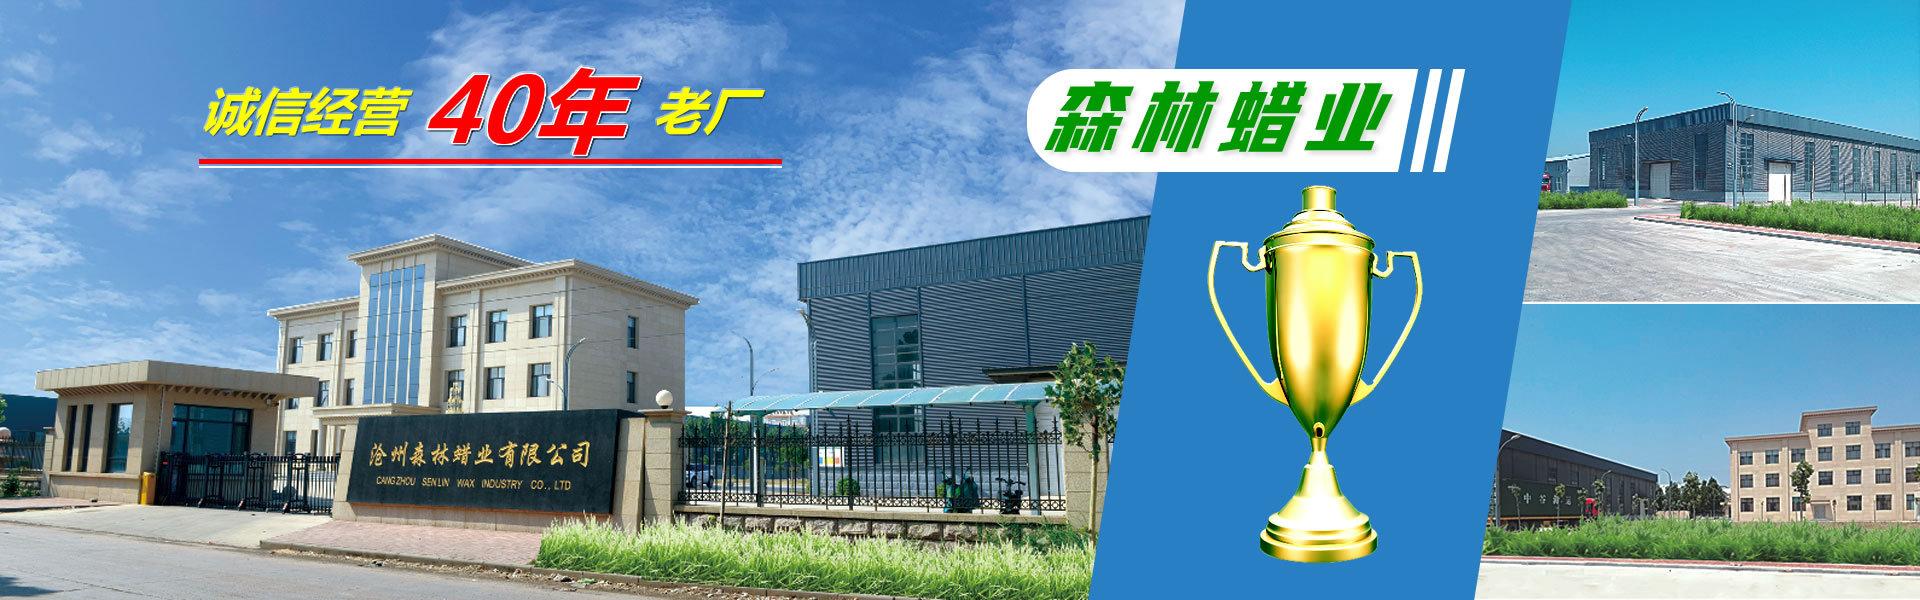 沧州森林蜡业公司大门